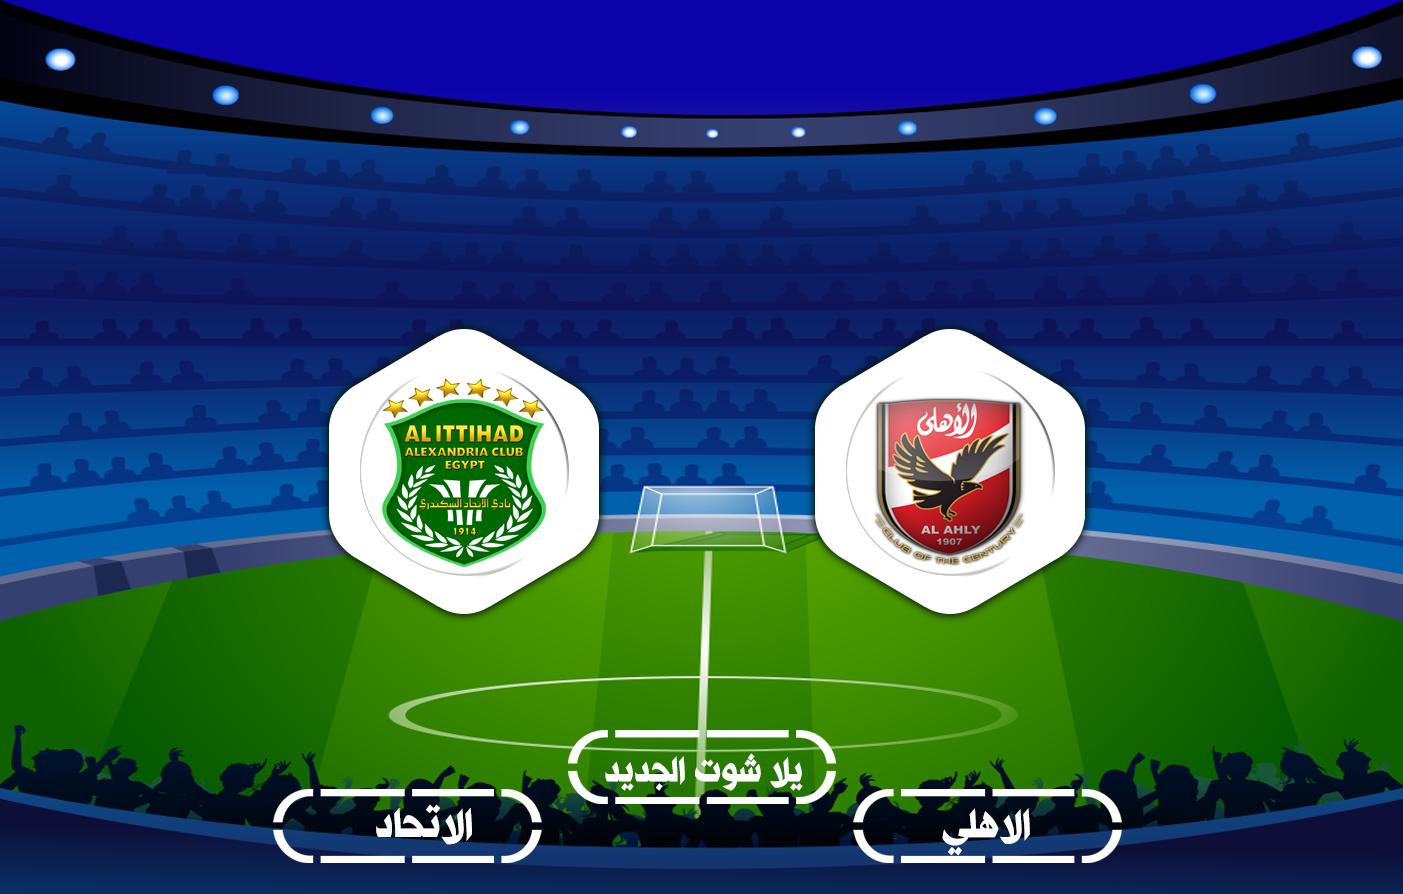 مشاهدة مباراة الاهلي والاتحاد السكندري بث مباشر اليوم بتاريخ 14 / 09 / 2020 في الدوري المصري